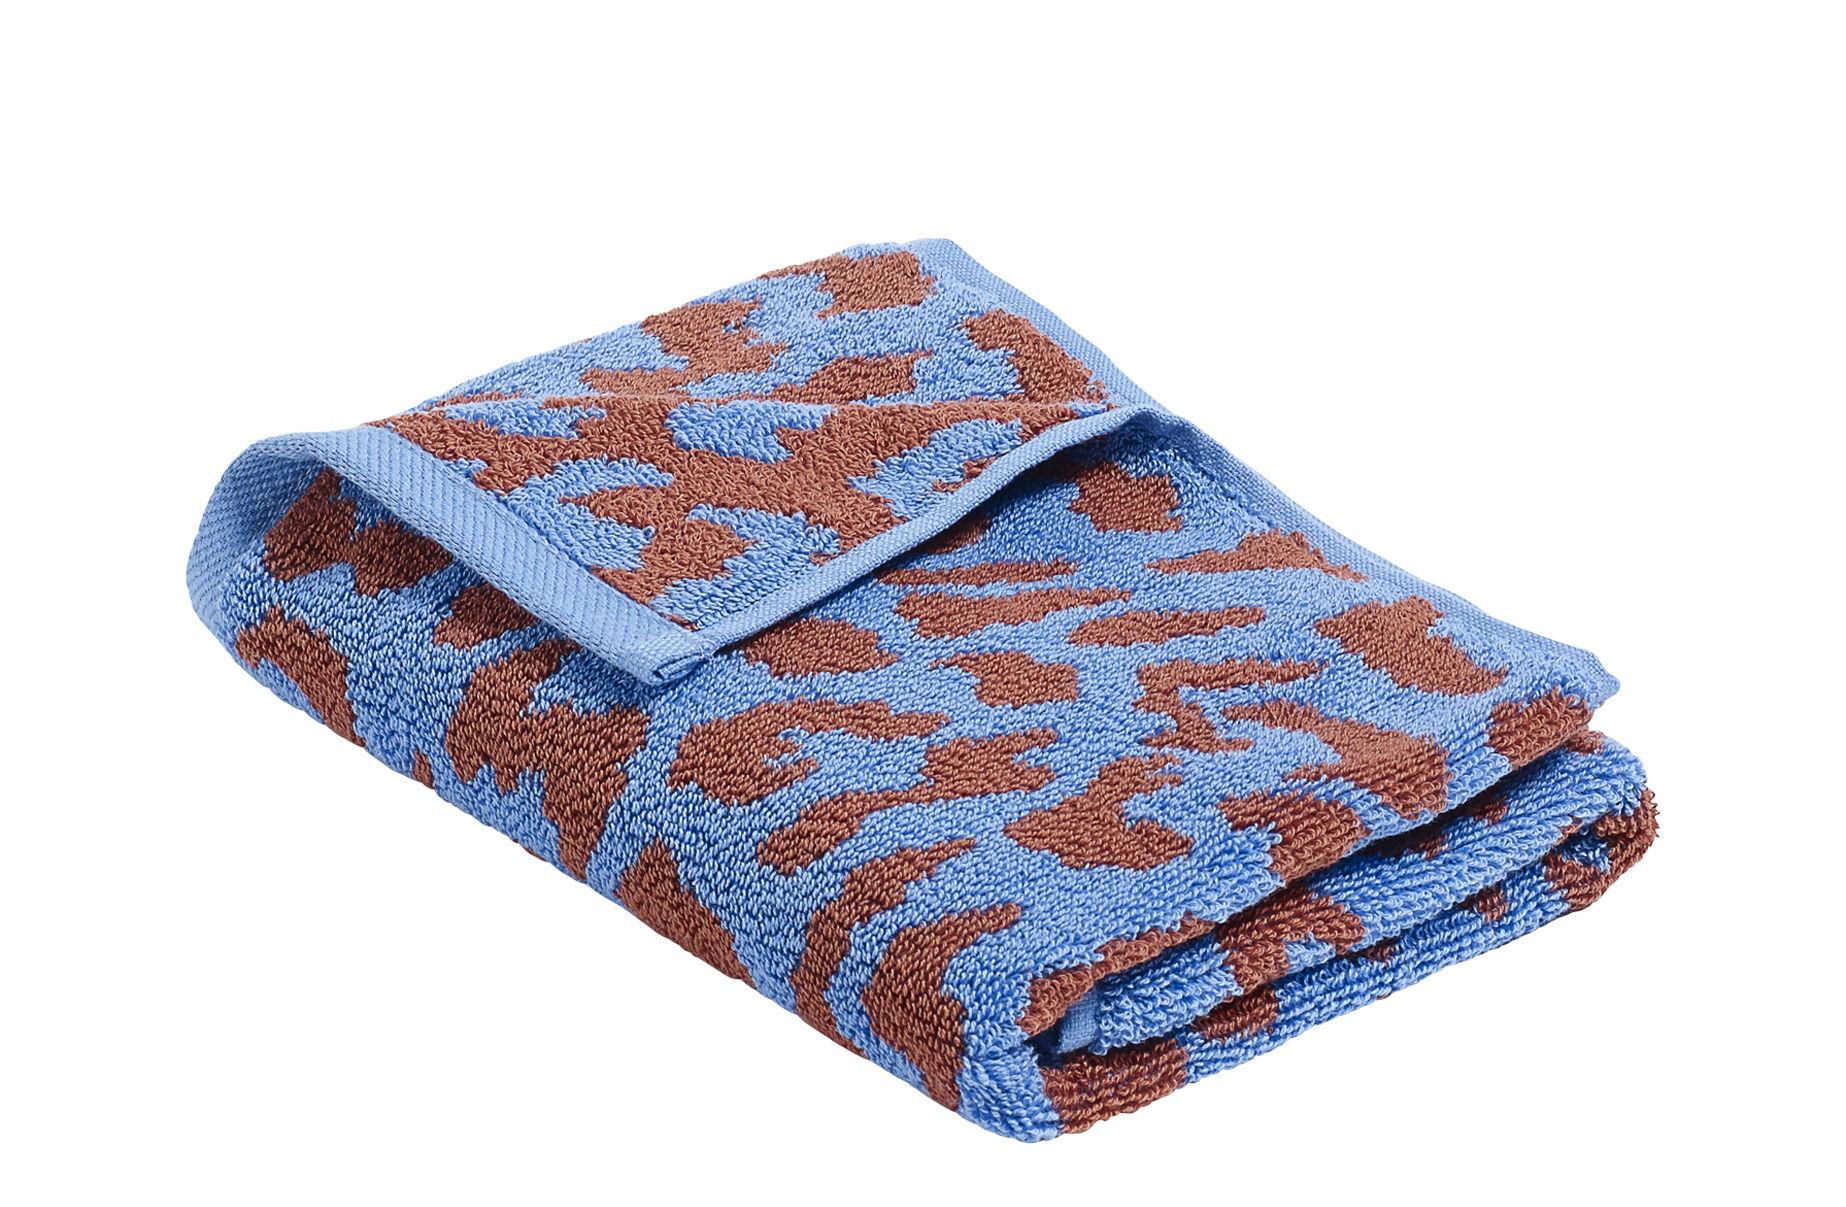 Accessori moda - Accessori bagno - Asciugamano ospiti He She It / by Nathalie du pasquier - 70 x 50 cm - Hay - It / Blu cielo & Rosso - Cotone